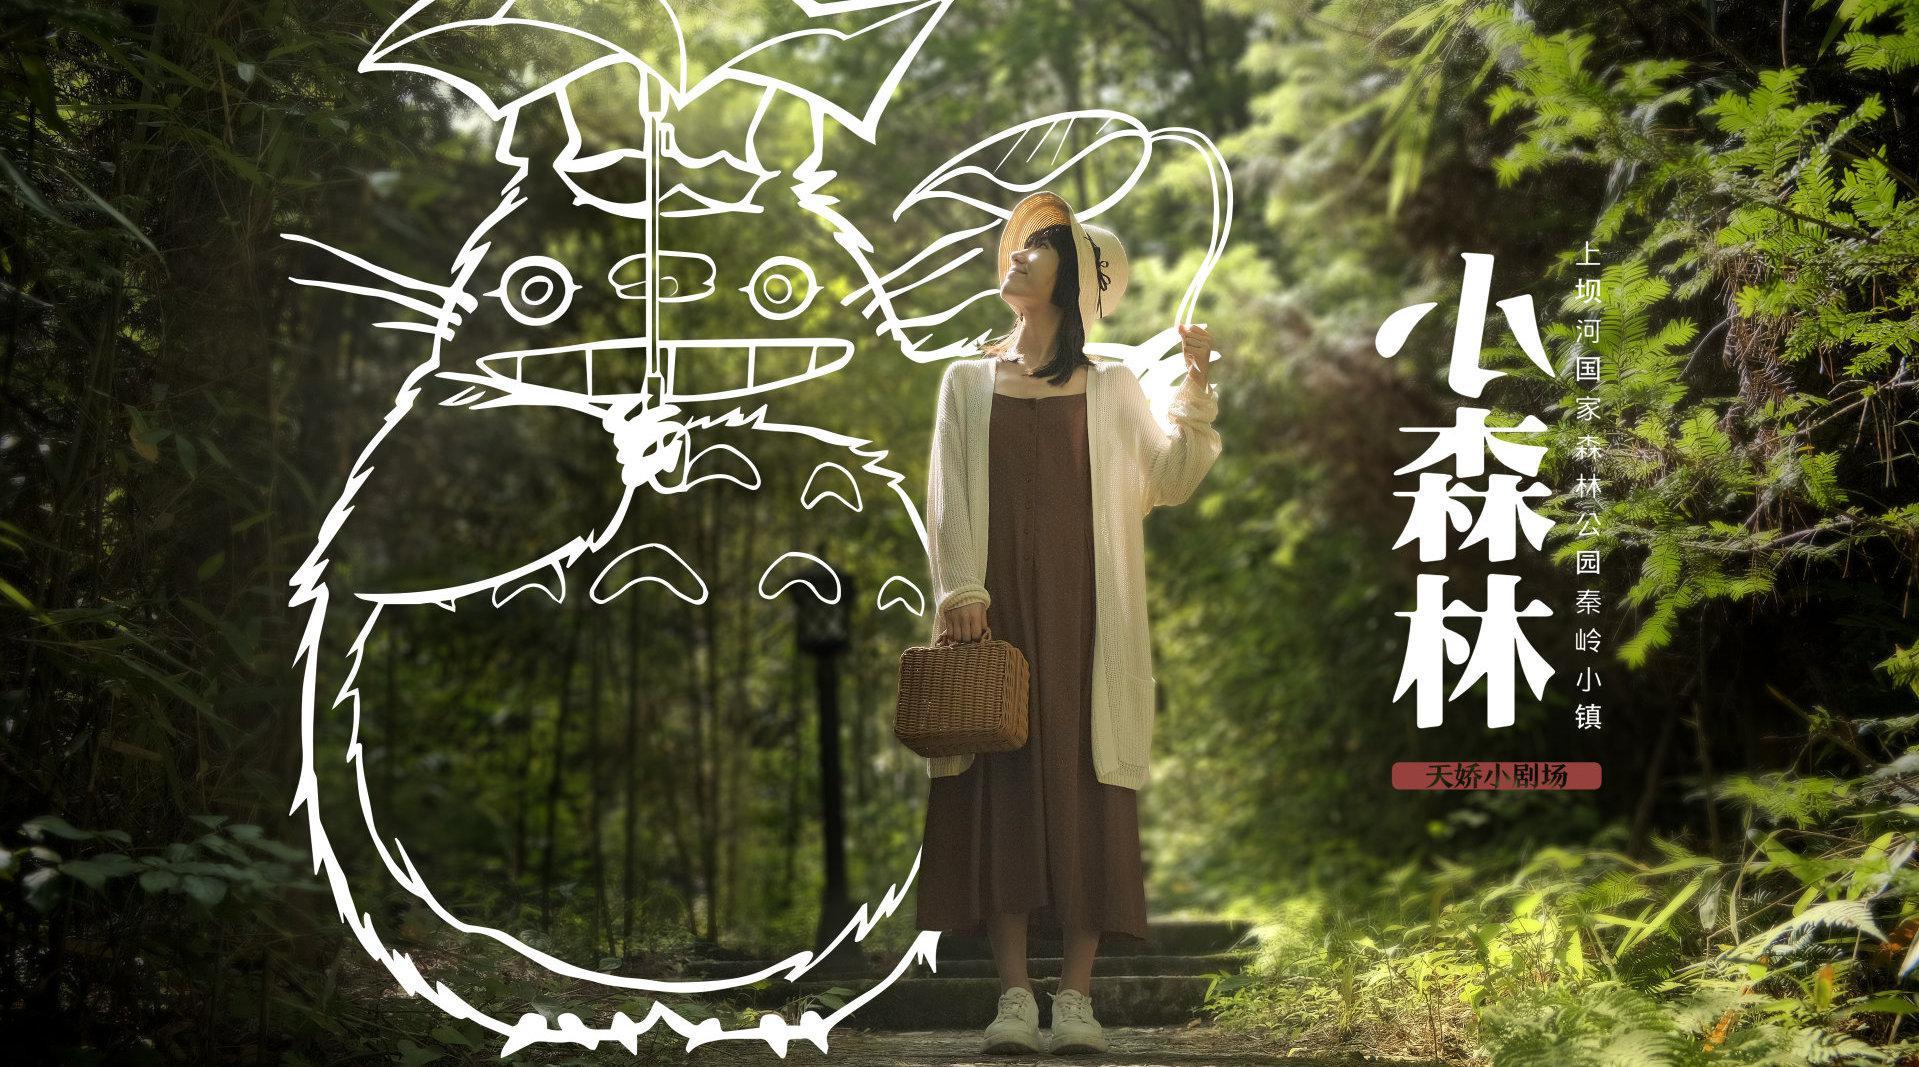 宫崎骏电影里的童话世界 我在「上坝国家河森林公园秦岭小镇」找